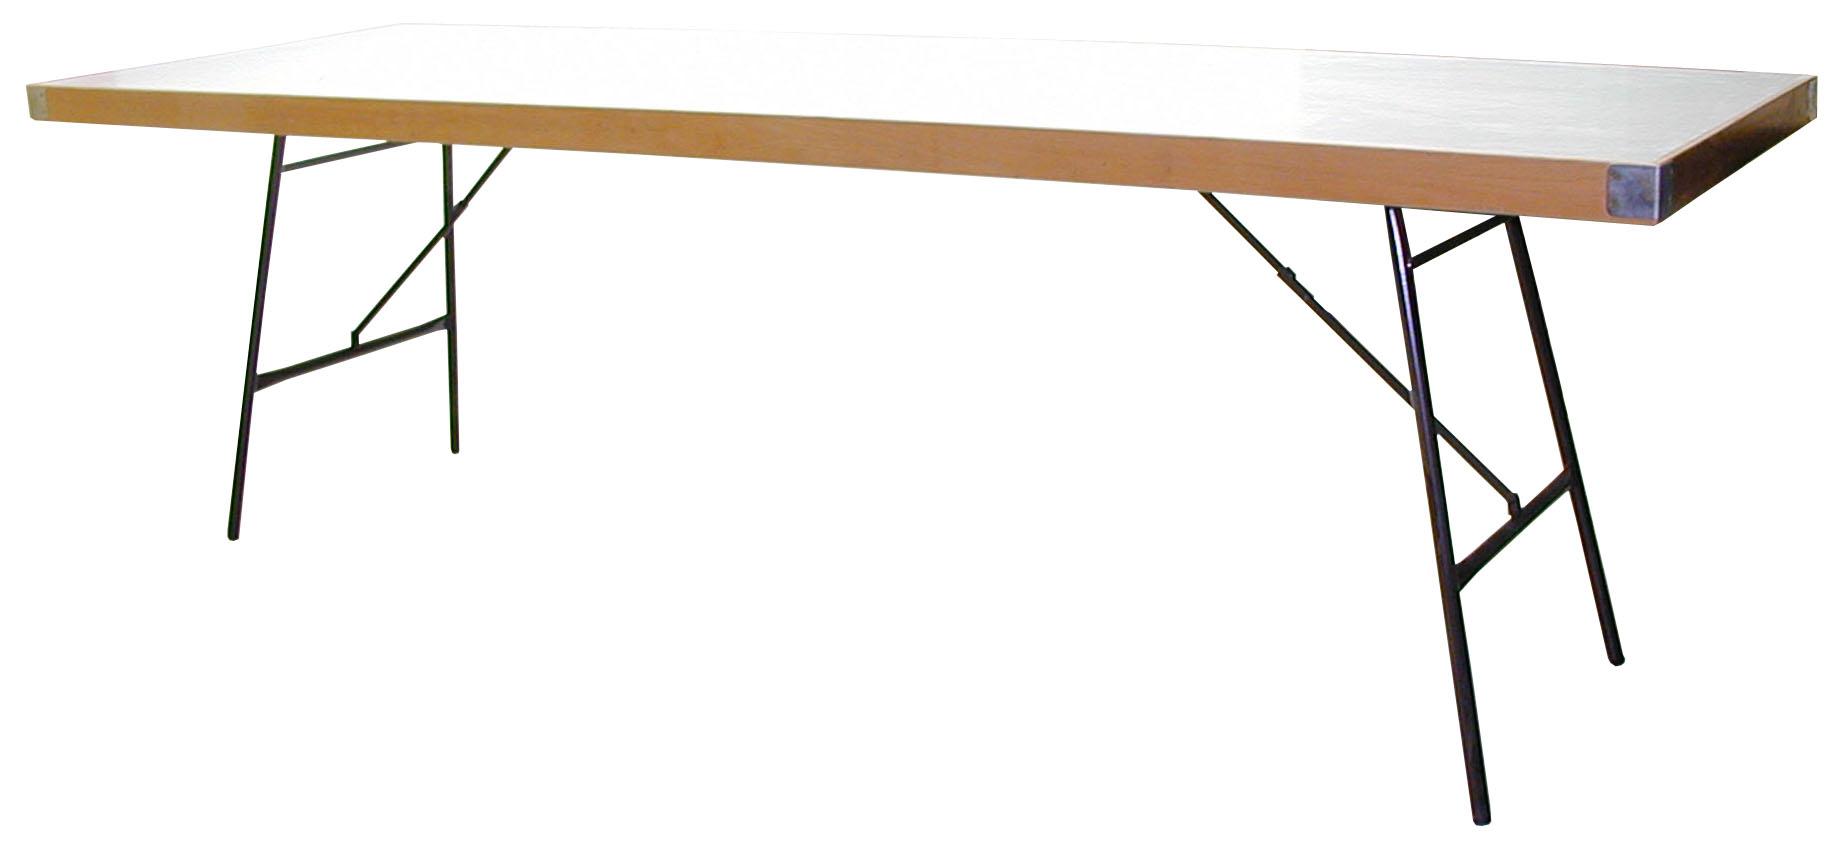 Mesa plegable madera patas abatibles banquetes 200x80 - Mesa plegable madera ...